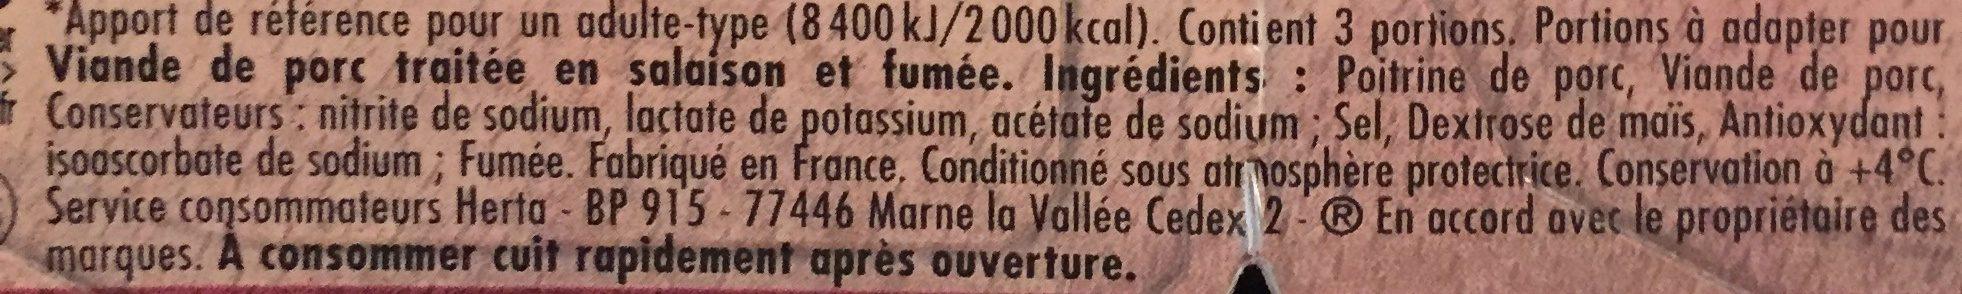 Allumettes Charcutier - Ingrédients